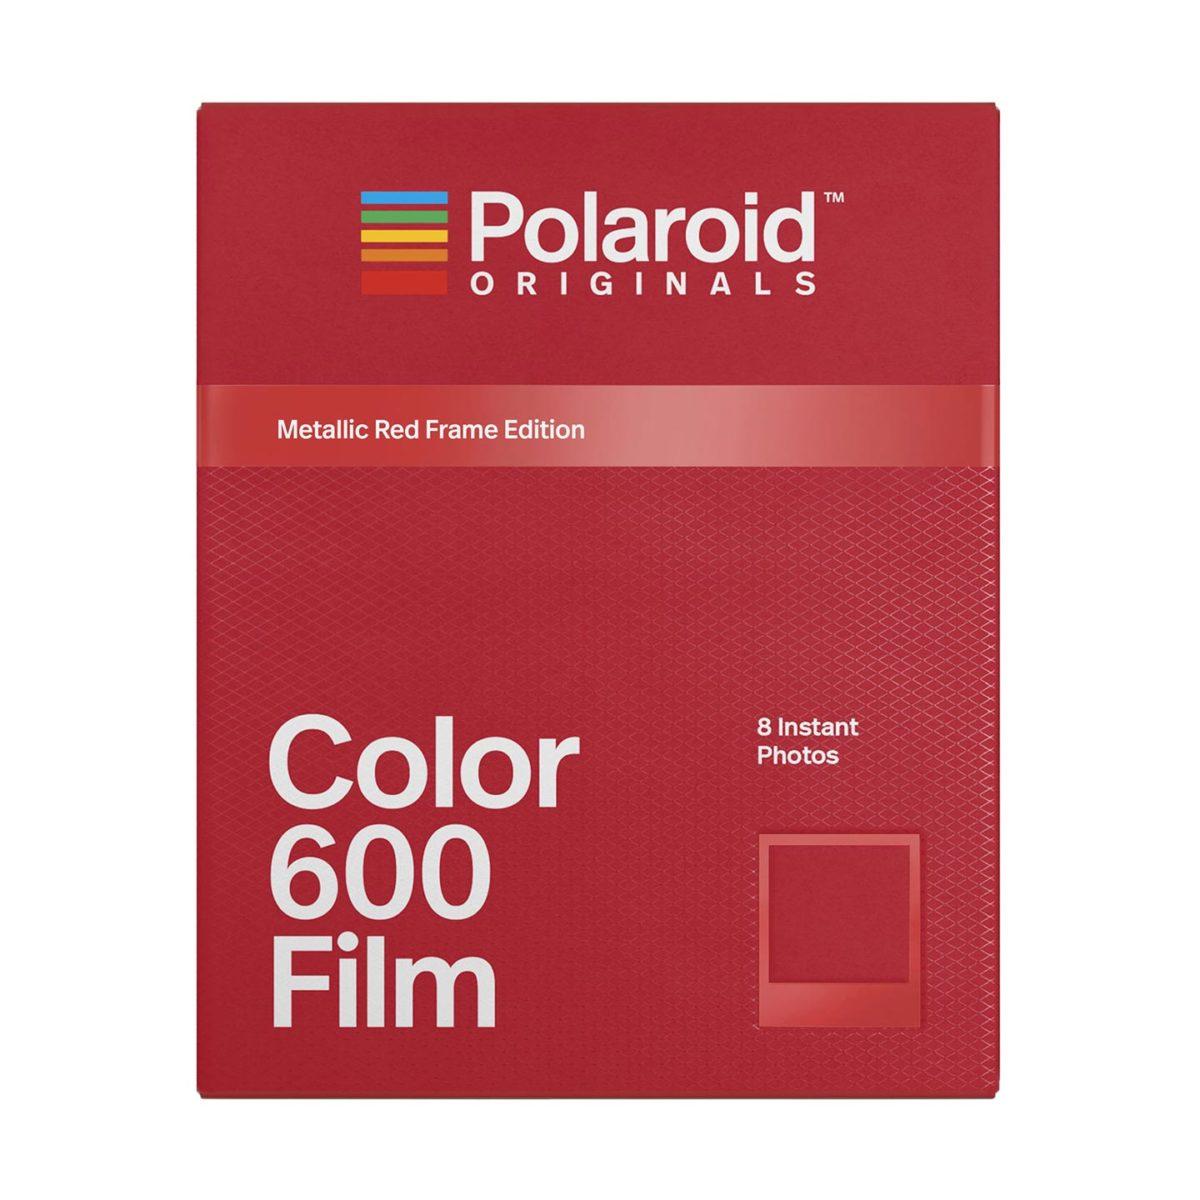 polaroid_600_color_film_metallic_red_02